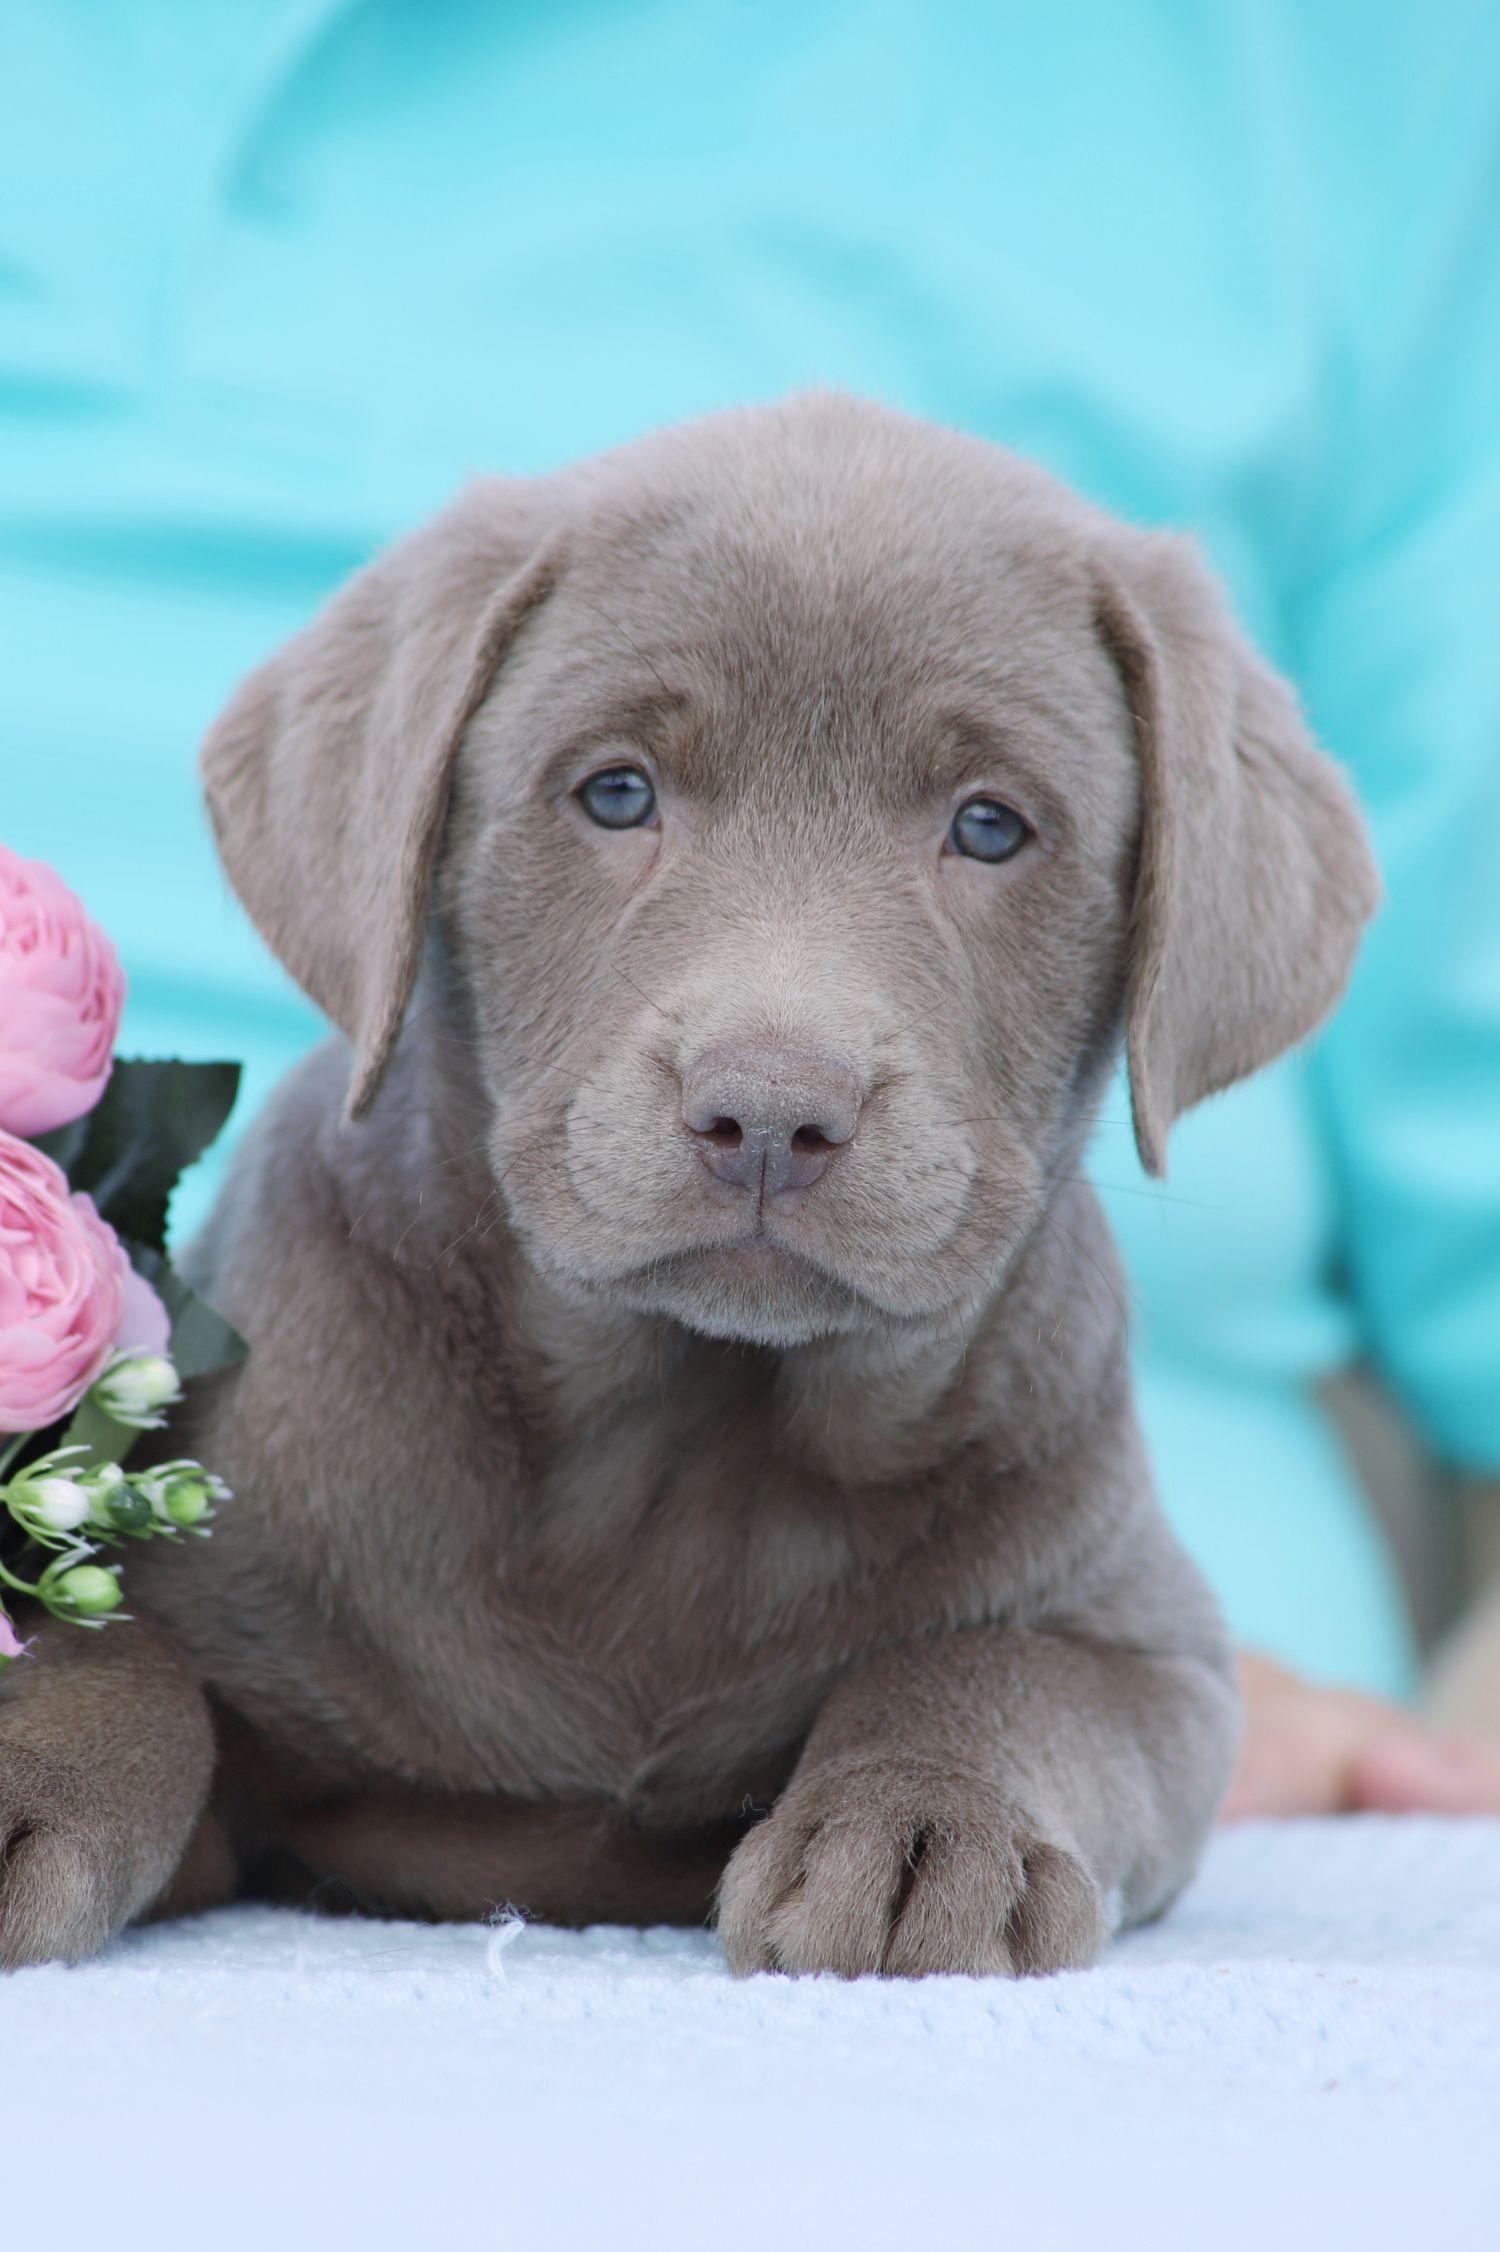 Max Deukc Labrador Retriever Puppy For Sale At Punta Gorda Florida In 2020 Puppies For Sale Labrador Retriever Puppies Puppies